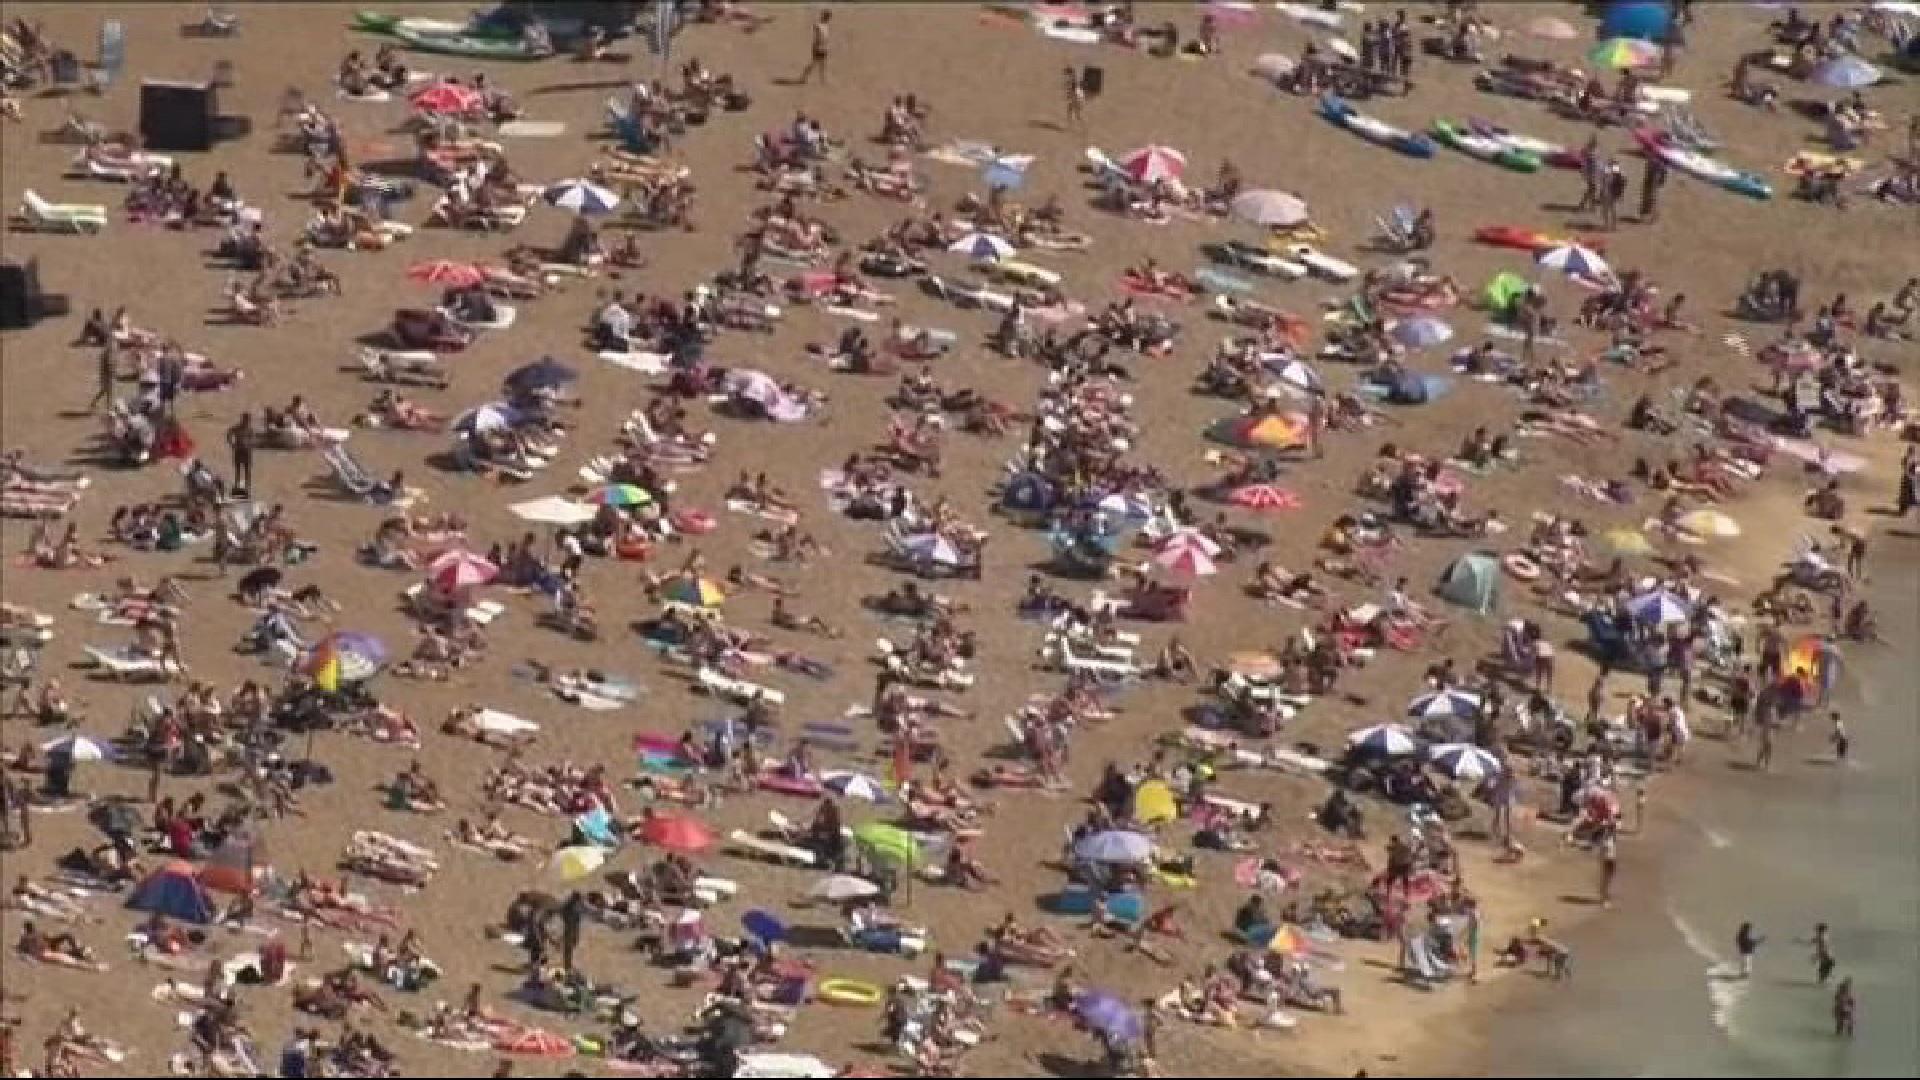 Platges+plenes+de+gent+al+sud+d%27Anglaterra%2C+mentre+el+Govern+brit%C3%A0nic+recomana+no+viatjar+a+Espanya